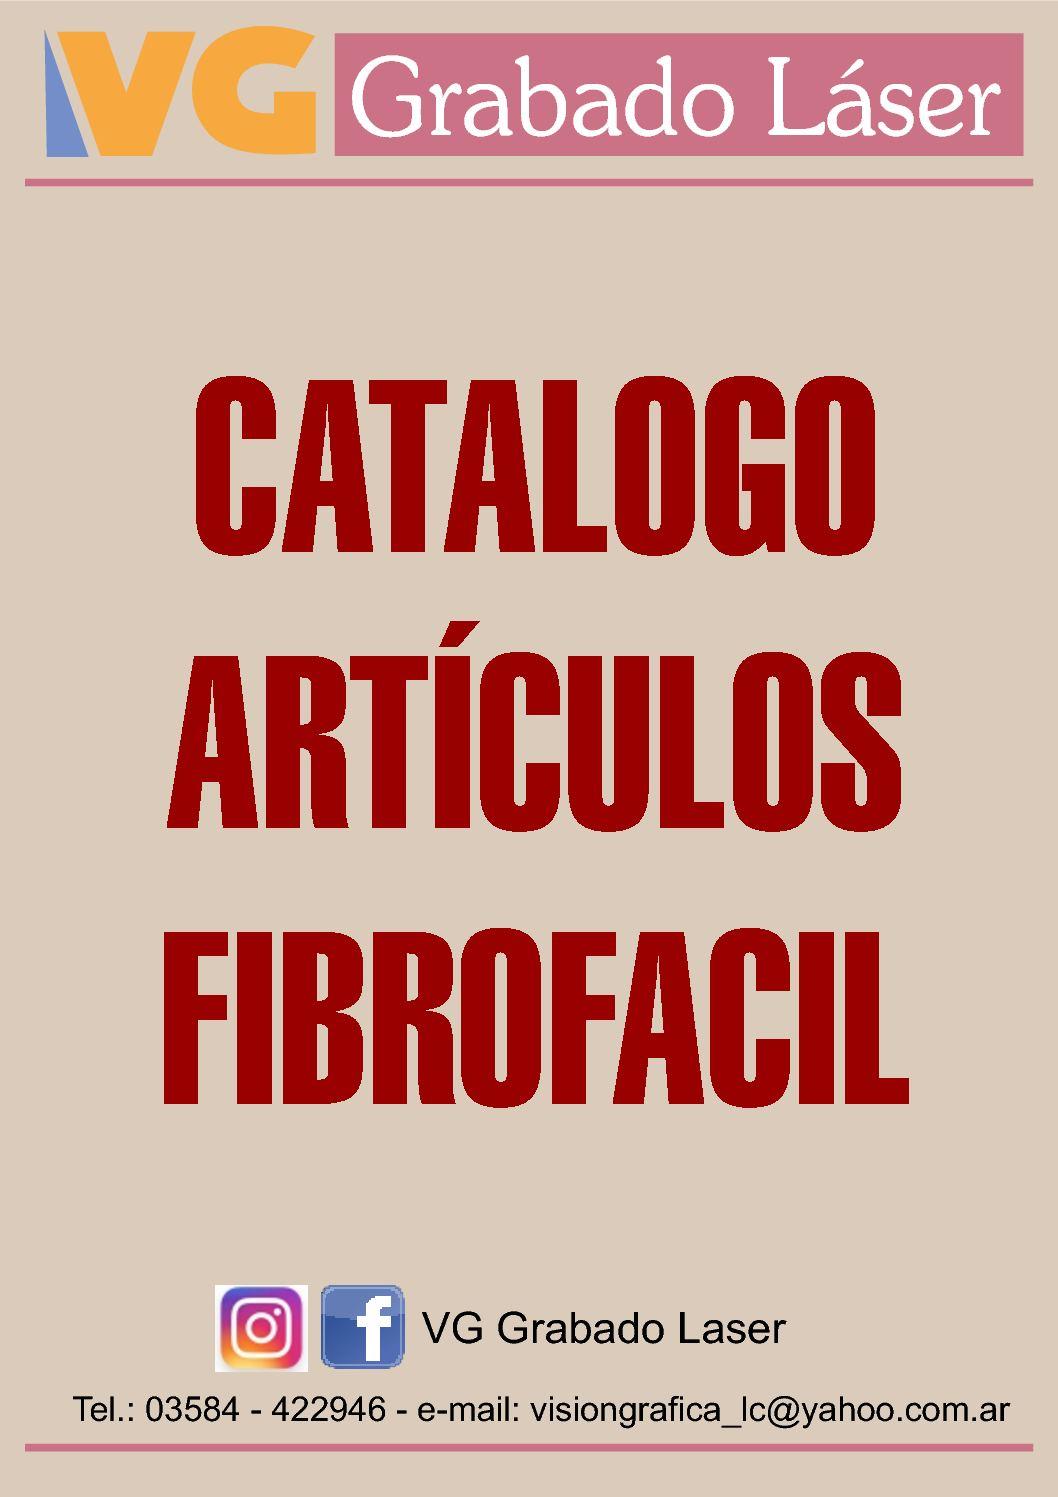 Catalogo 2017 Articulos Mdf Fibrofacil